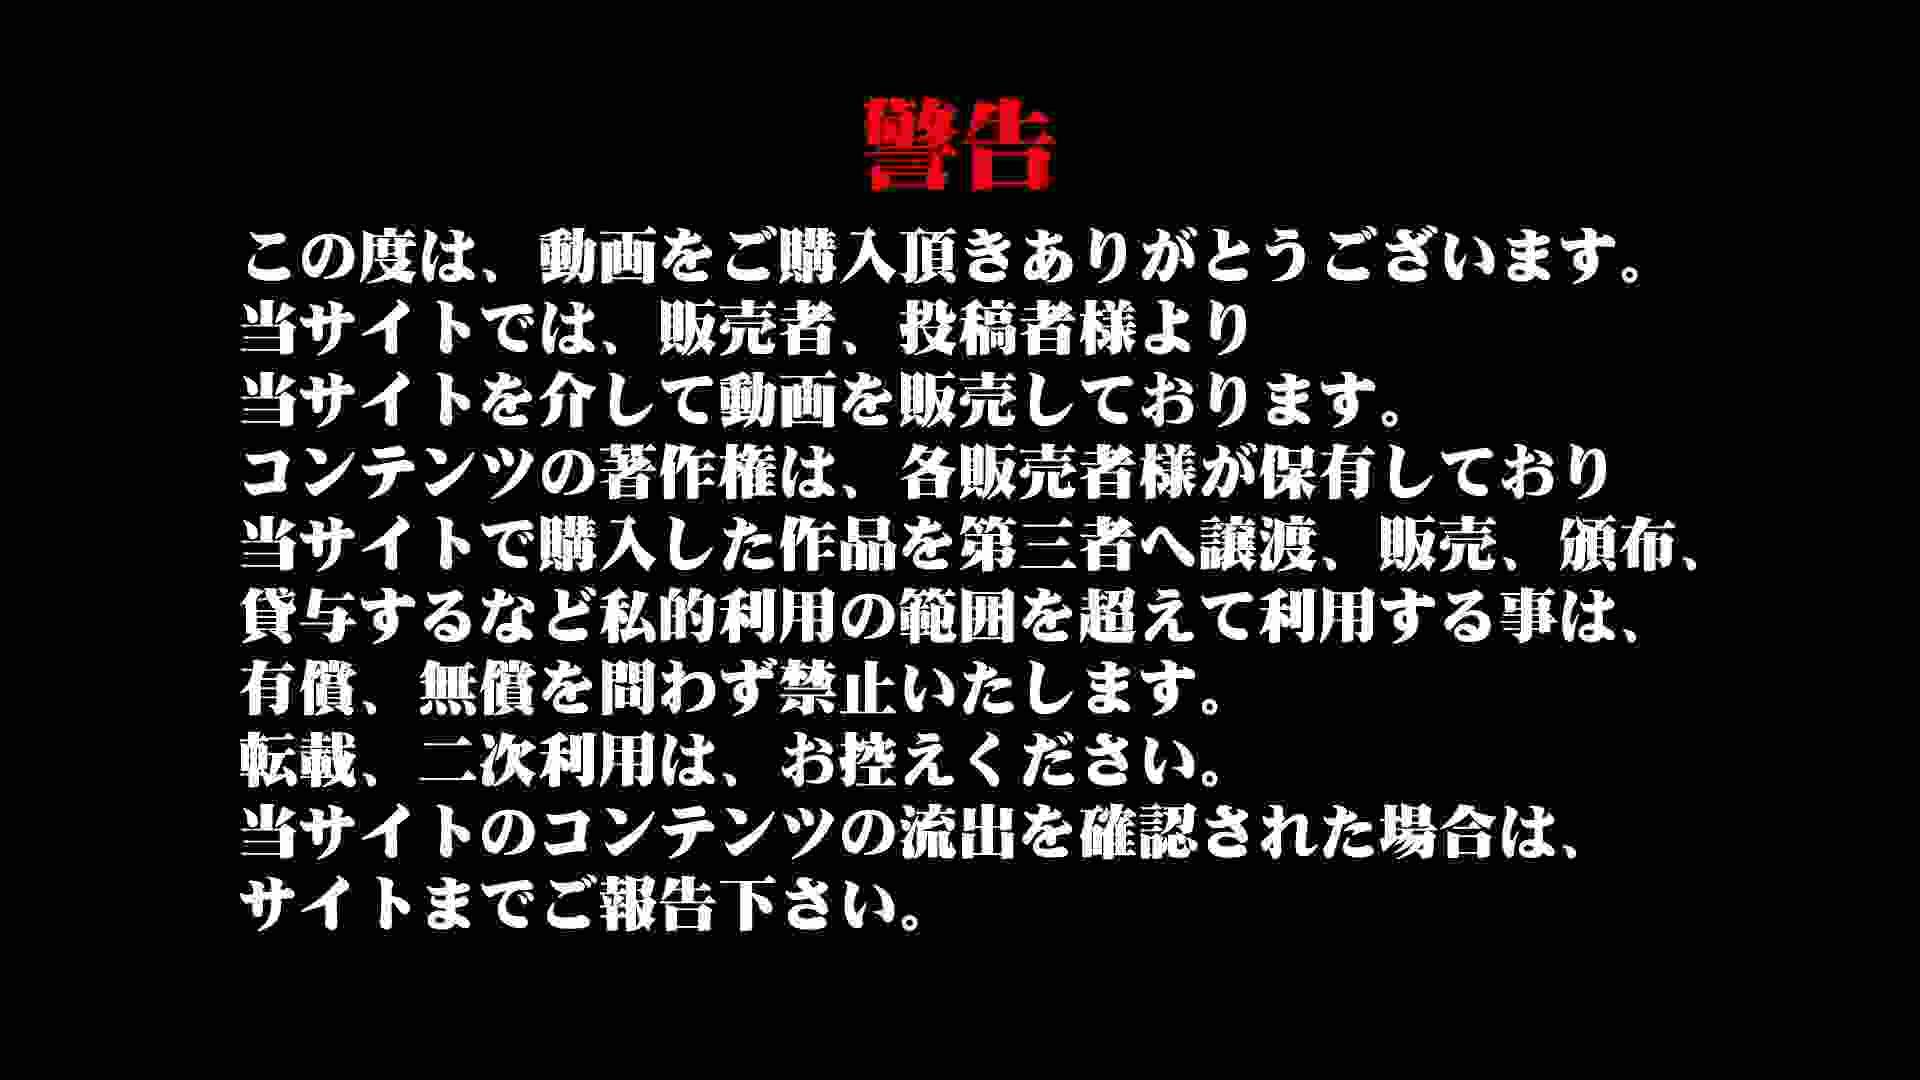 Aquaな露天風呂Vol.921 盗撮特集 | 露天  93画像 3